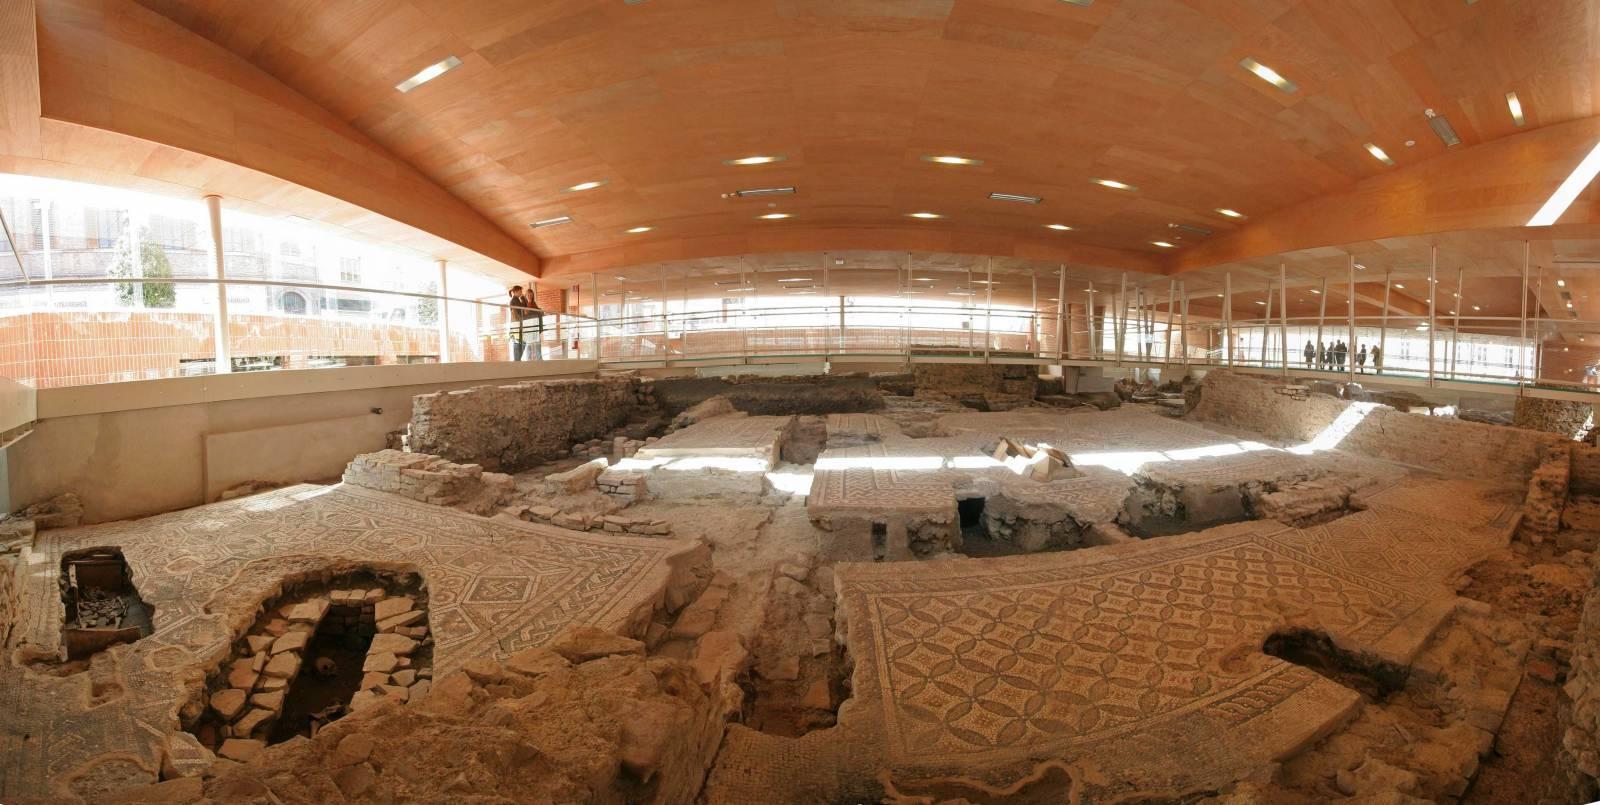 Domus del chirurgo rimini localita archeologia for Invertire piani di una casa di una storia e mezzo